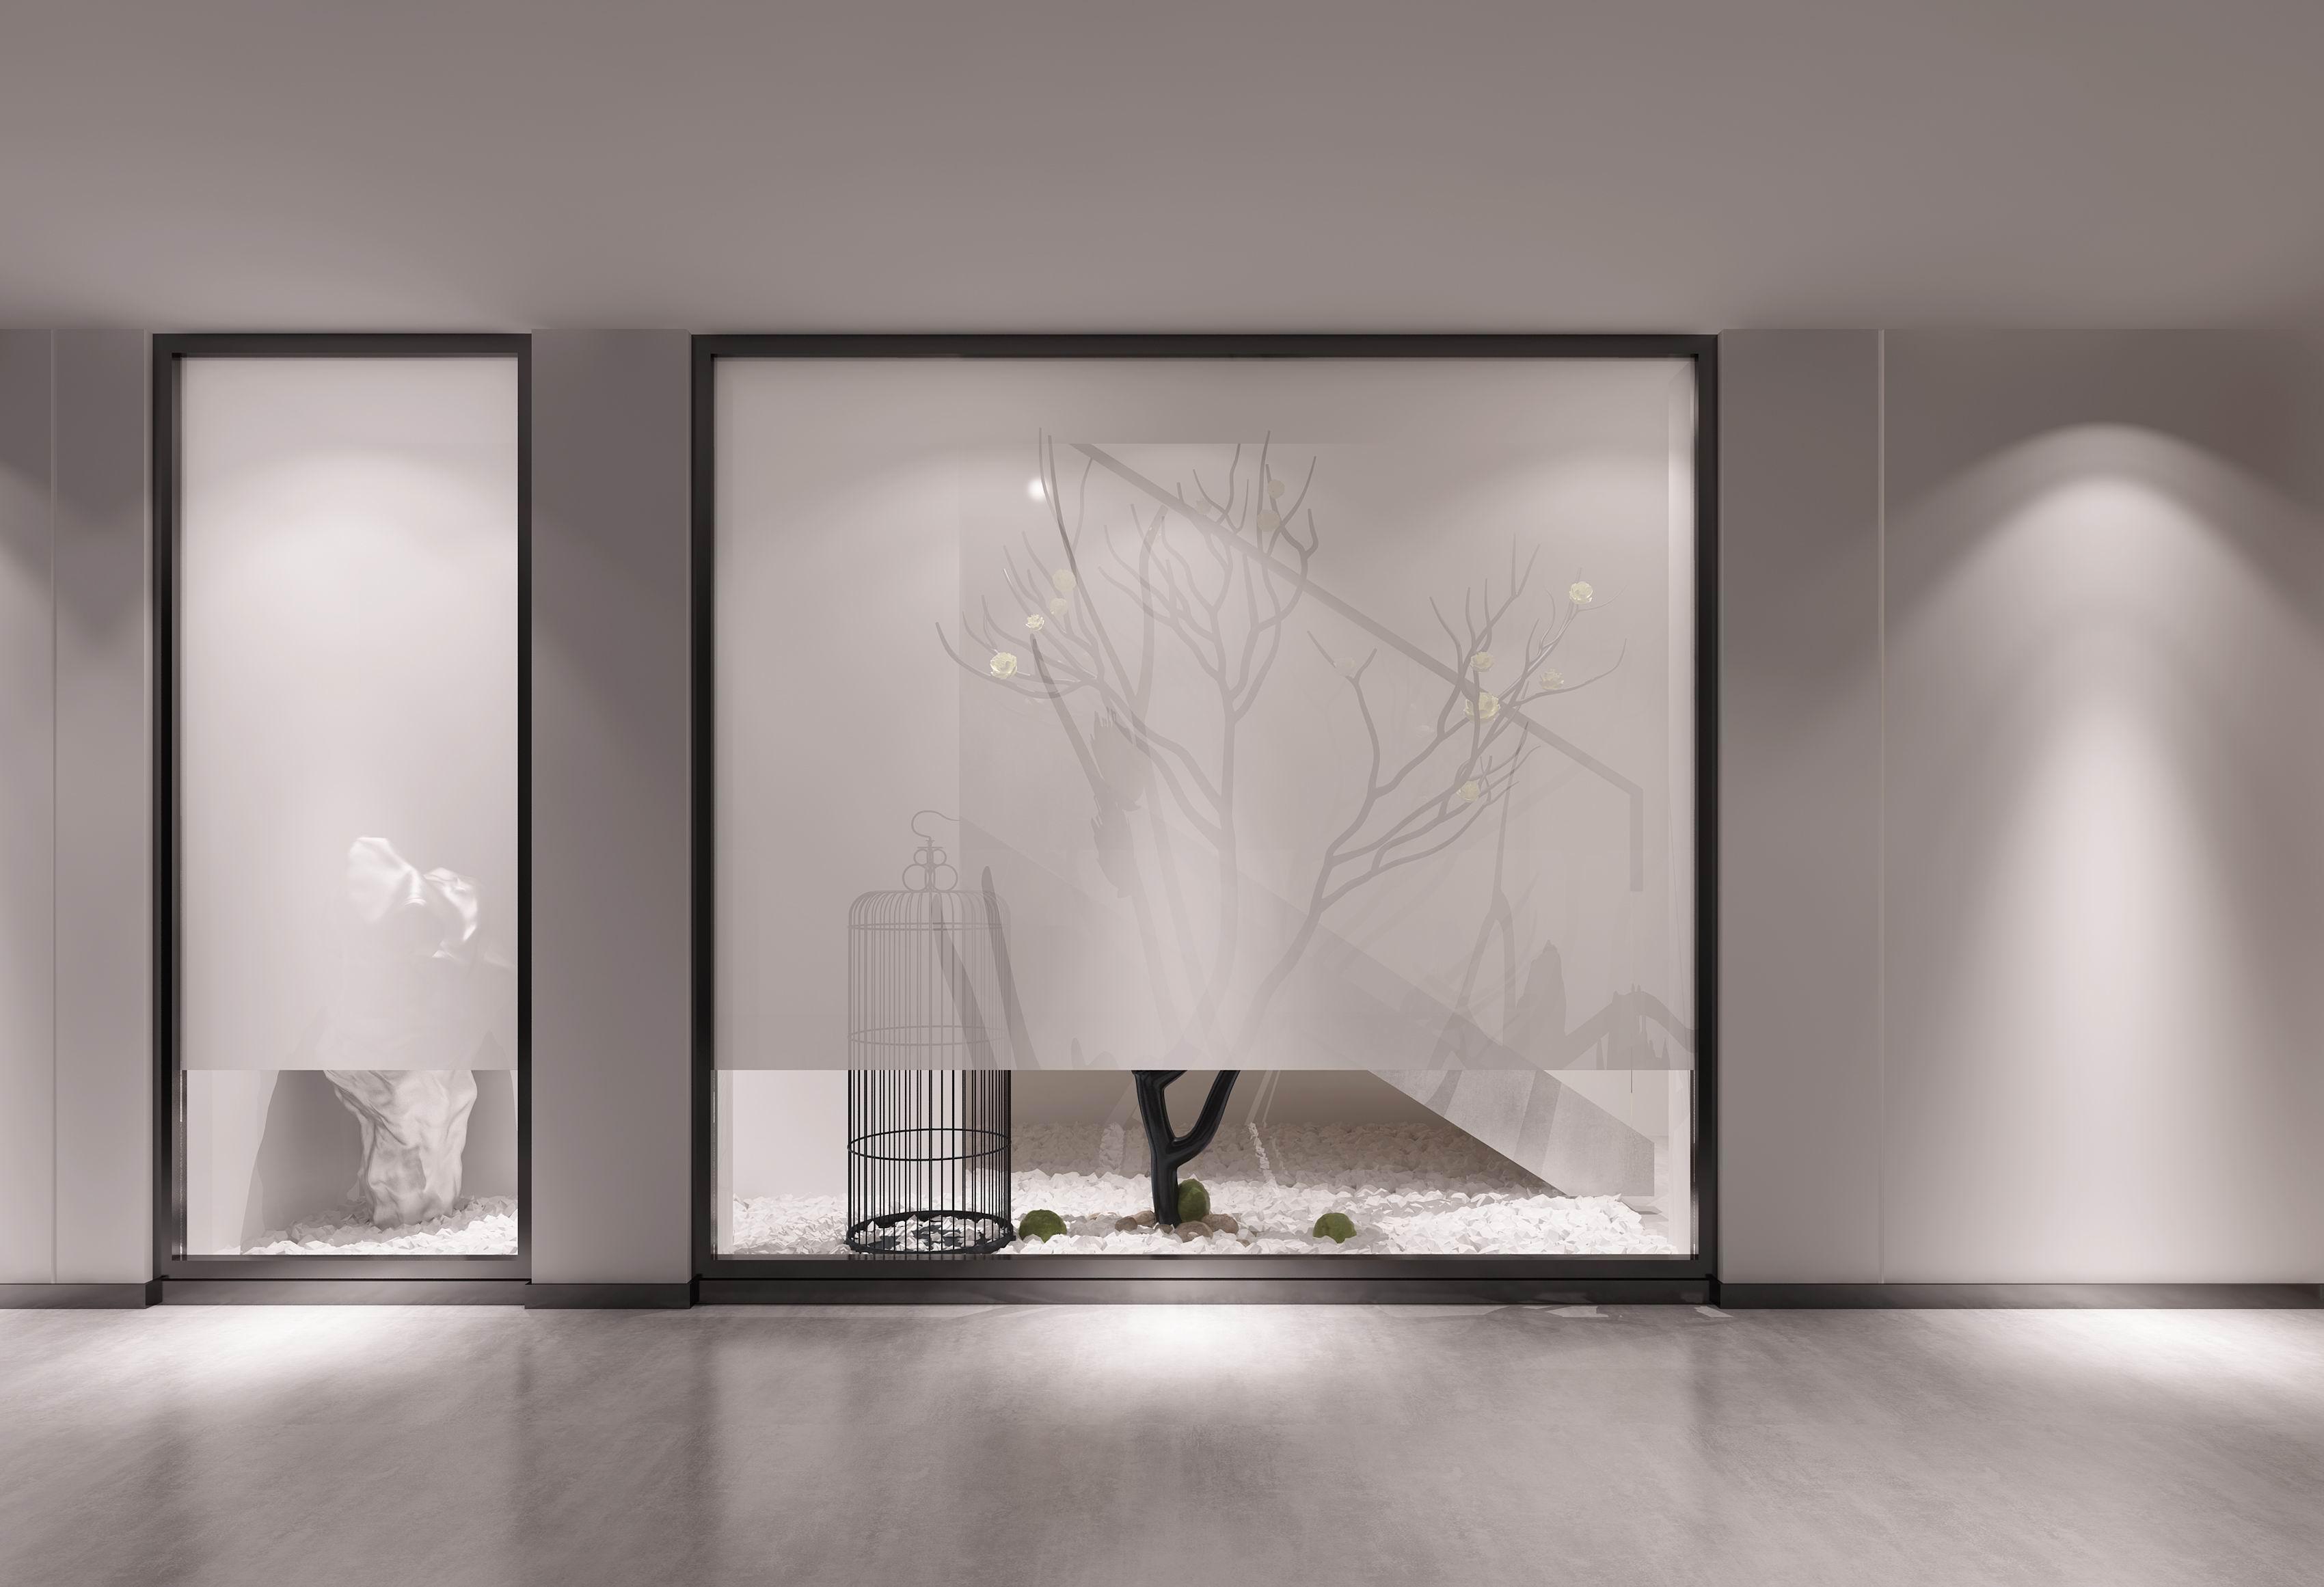 别墅 设计 装修 案例 新中式 走廊图片来自无锡别墅设计s在水岸名府新中式450㎡装修案例的分享